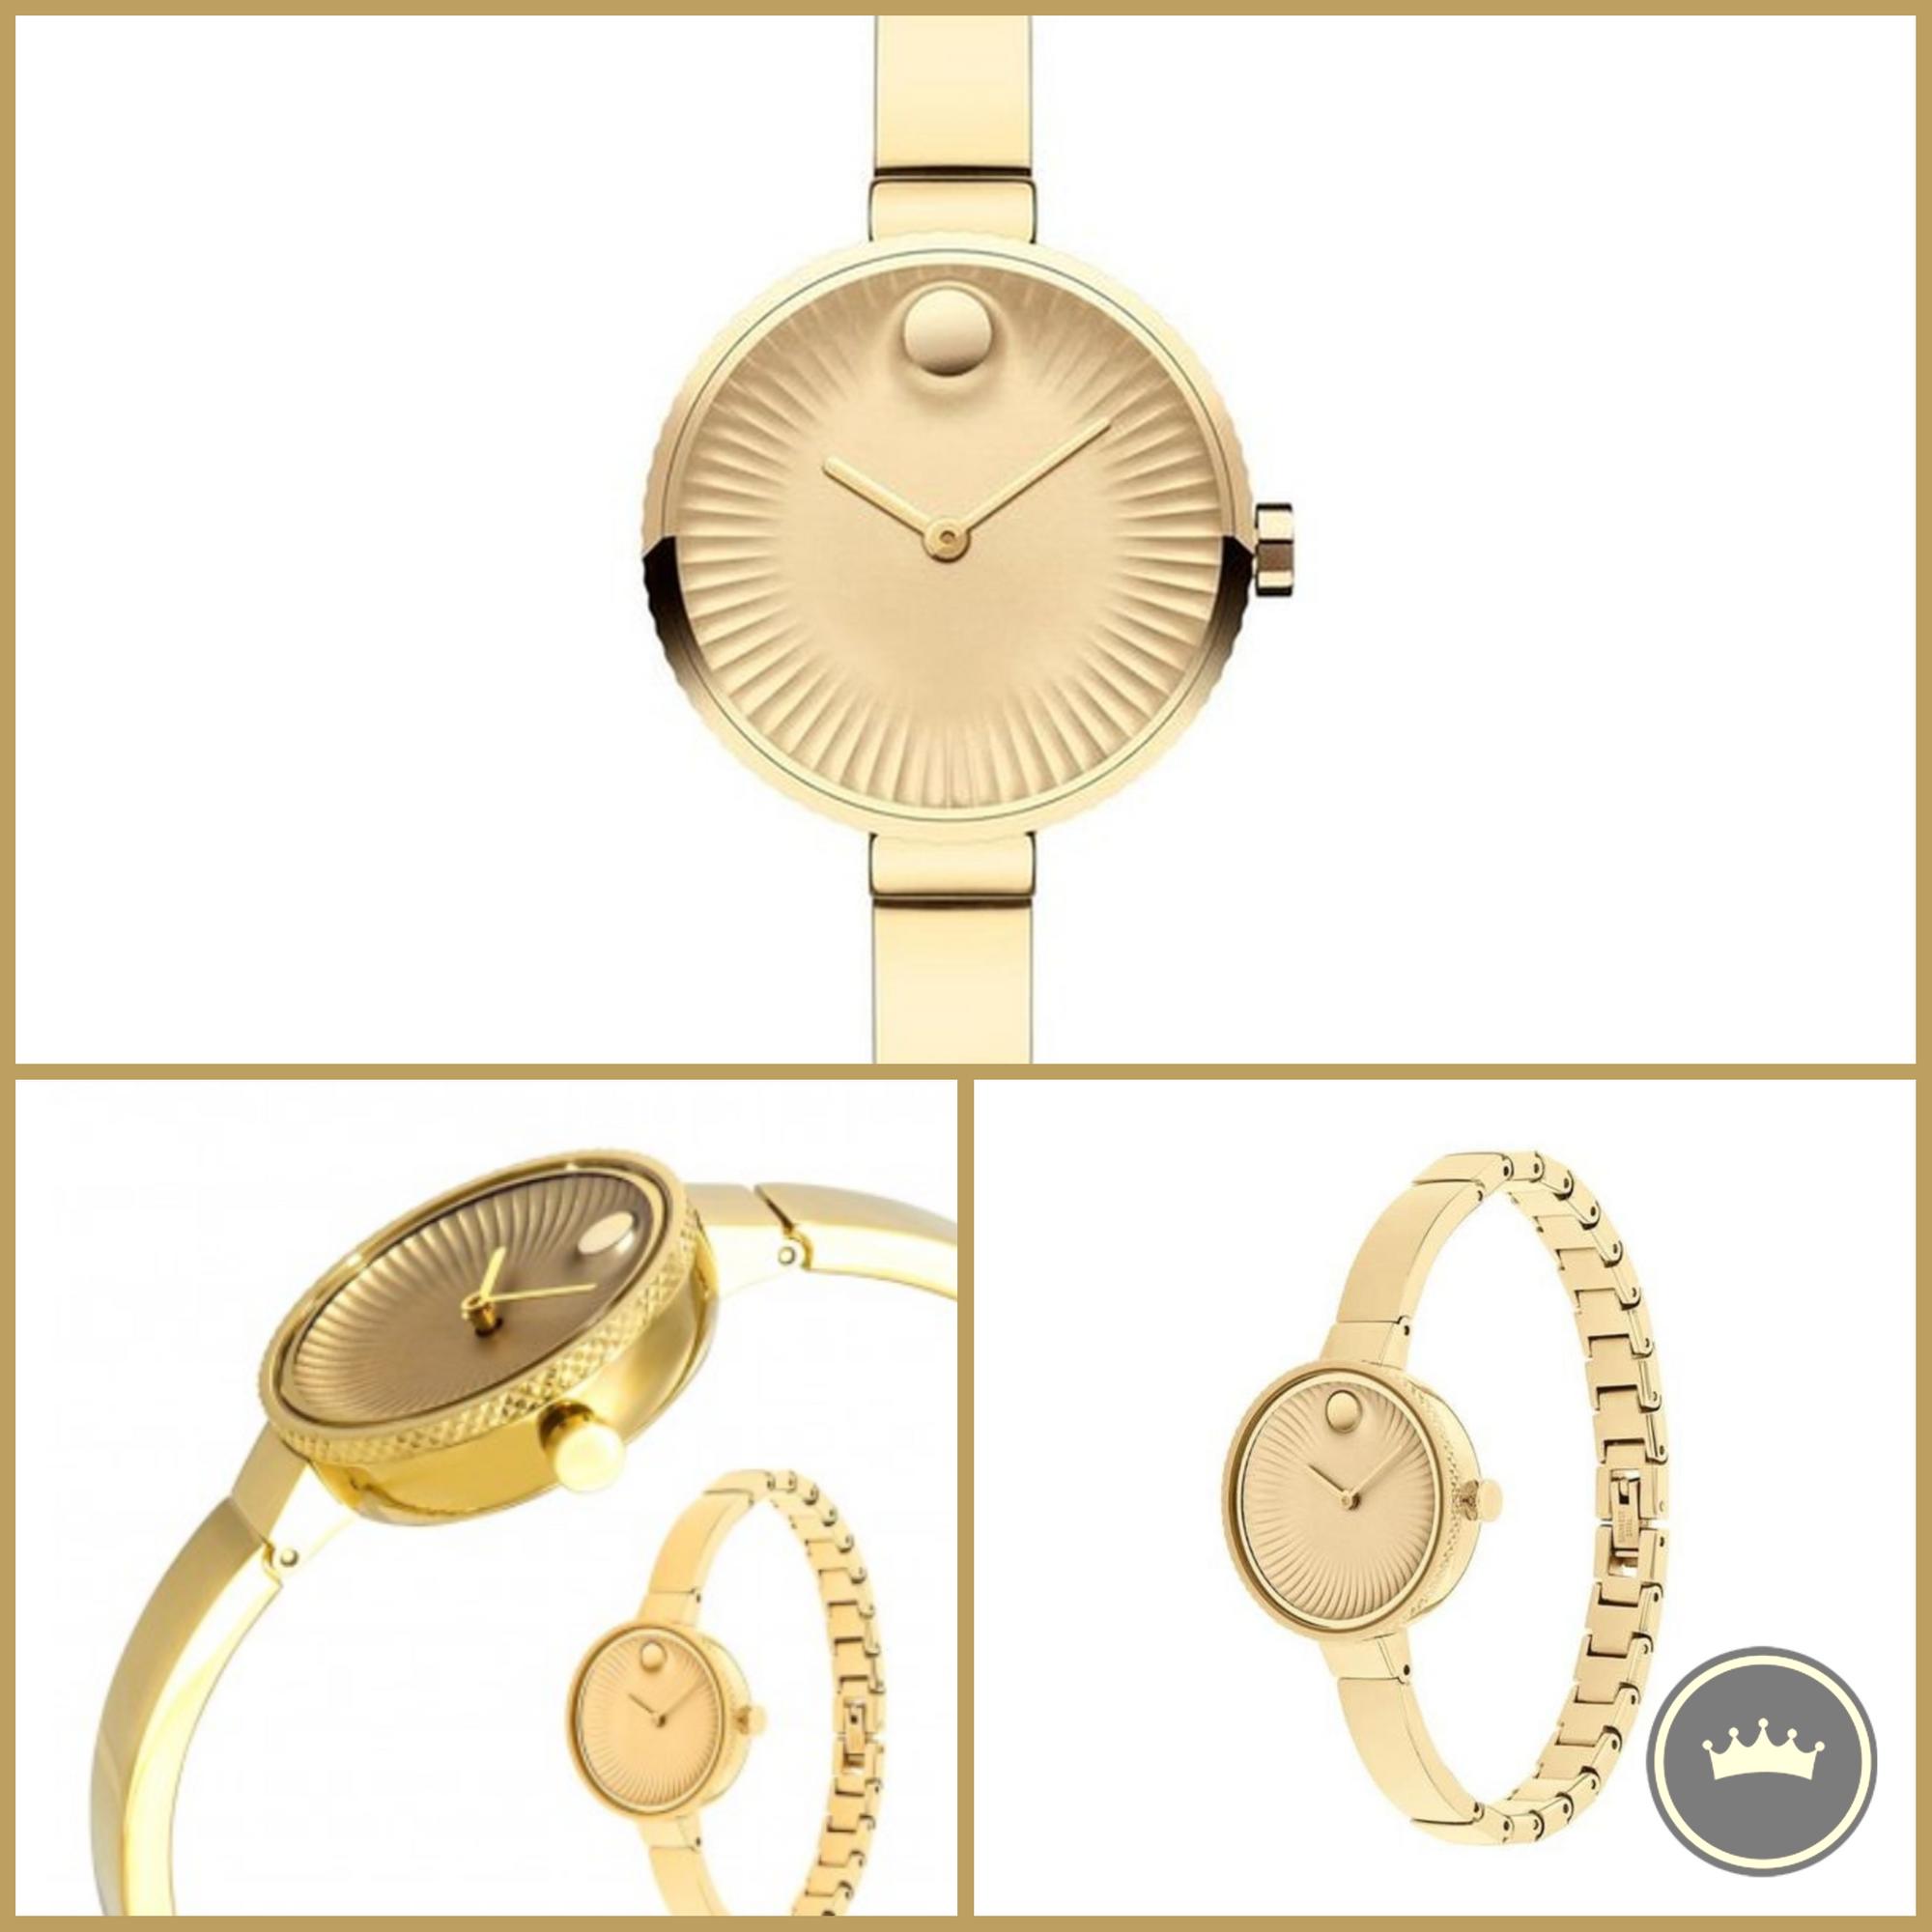 ساعه موفادو السويسرية نسائي ذهبية 3680021 فقط 1999 درهم 3680021 Movado Edge Ladies Yellow Gold Plated Watch Only Gold Watch Michael Kors Watch Kors Watches